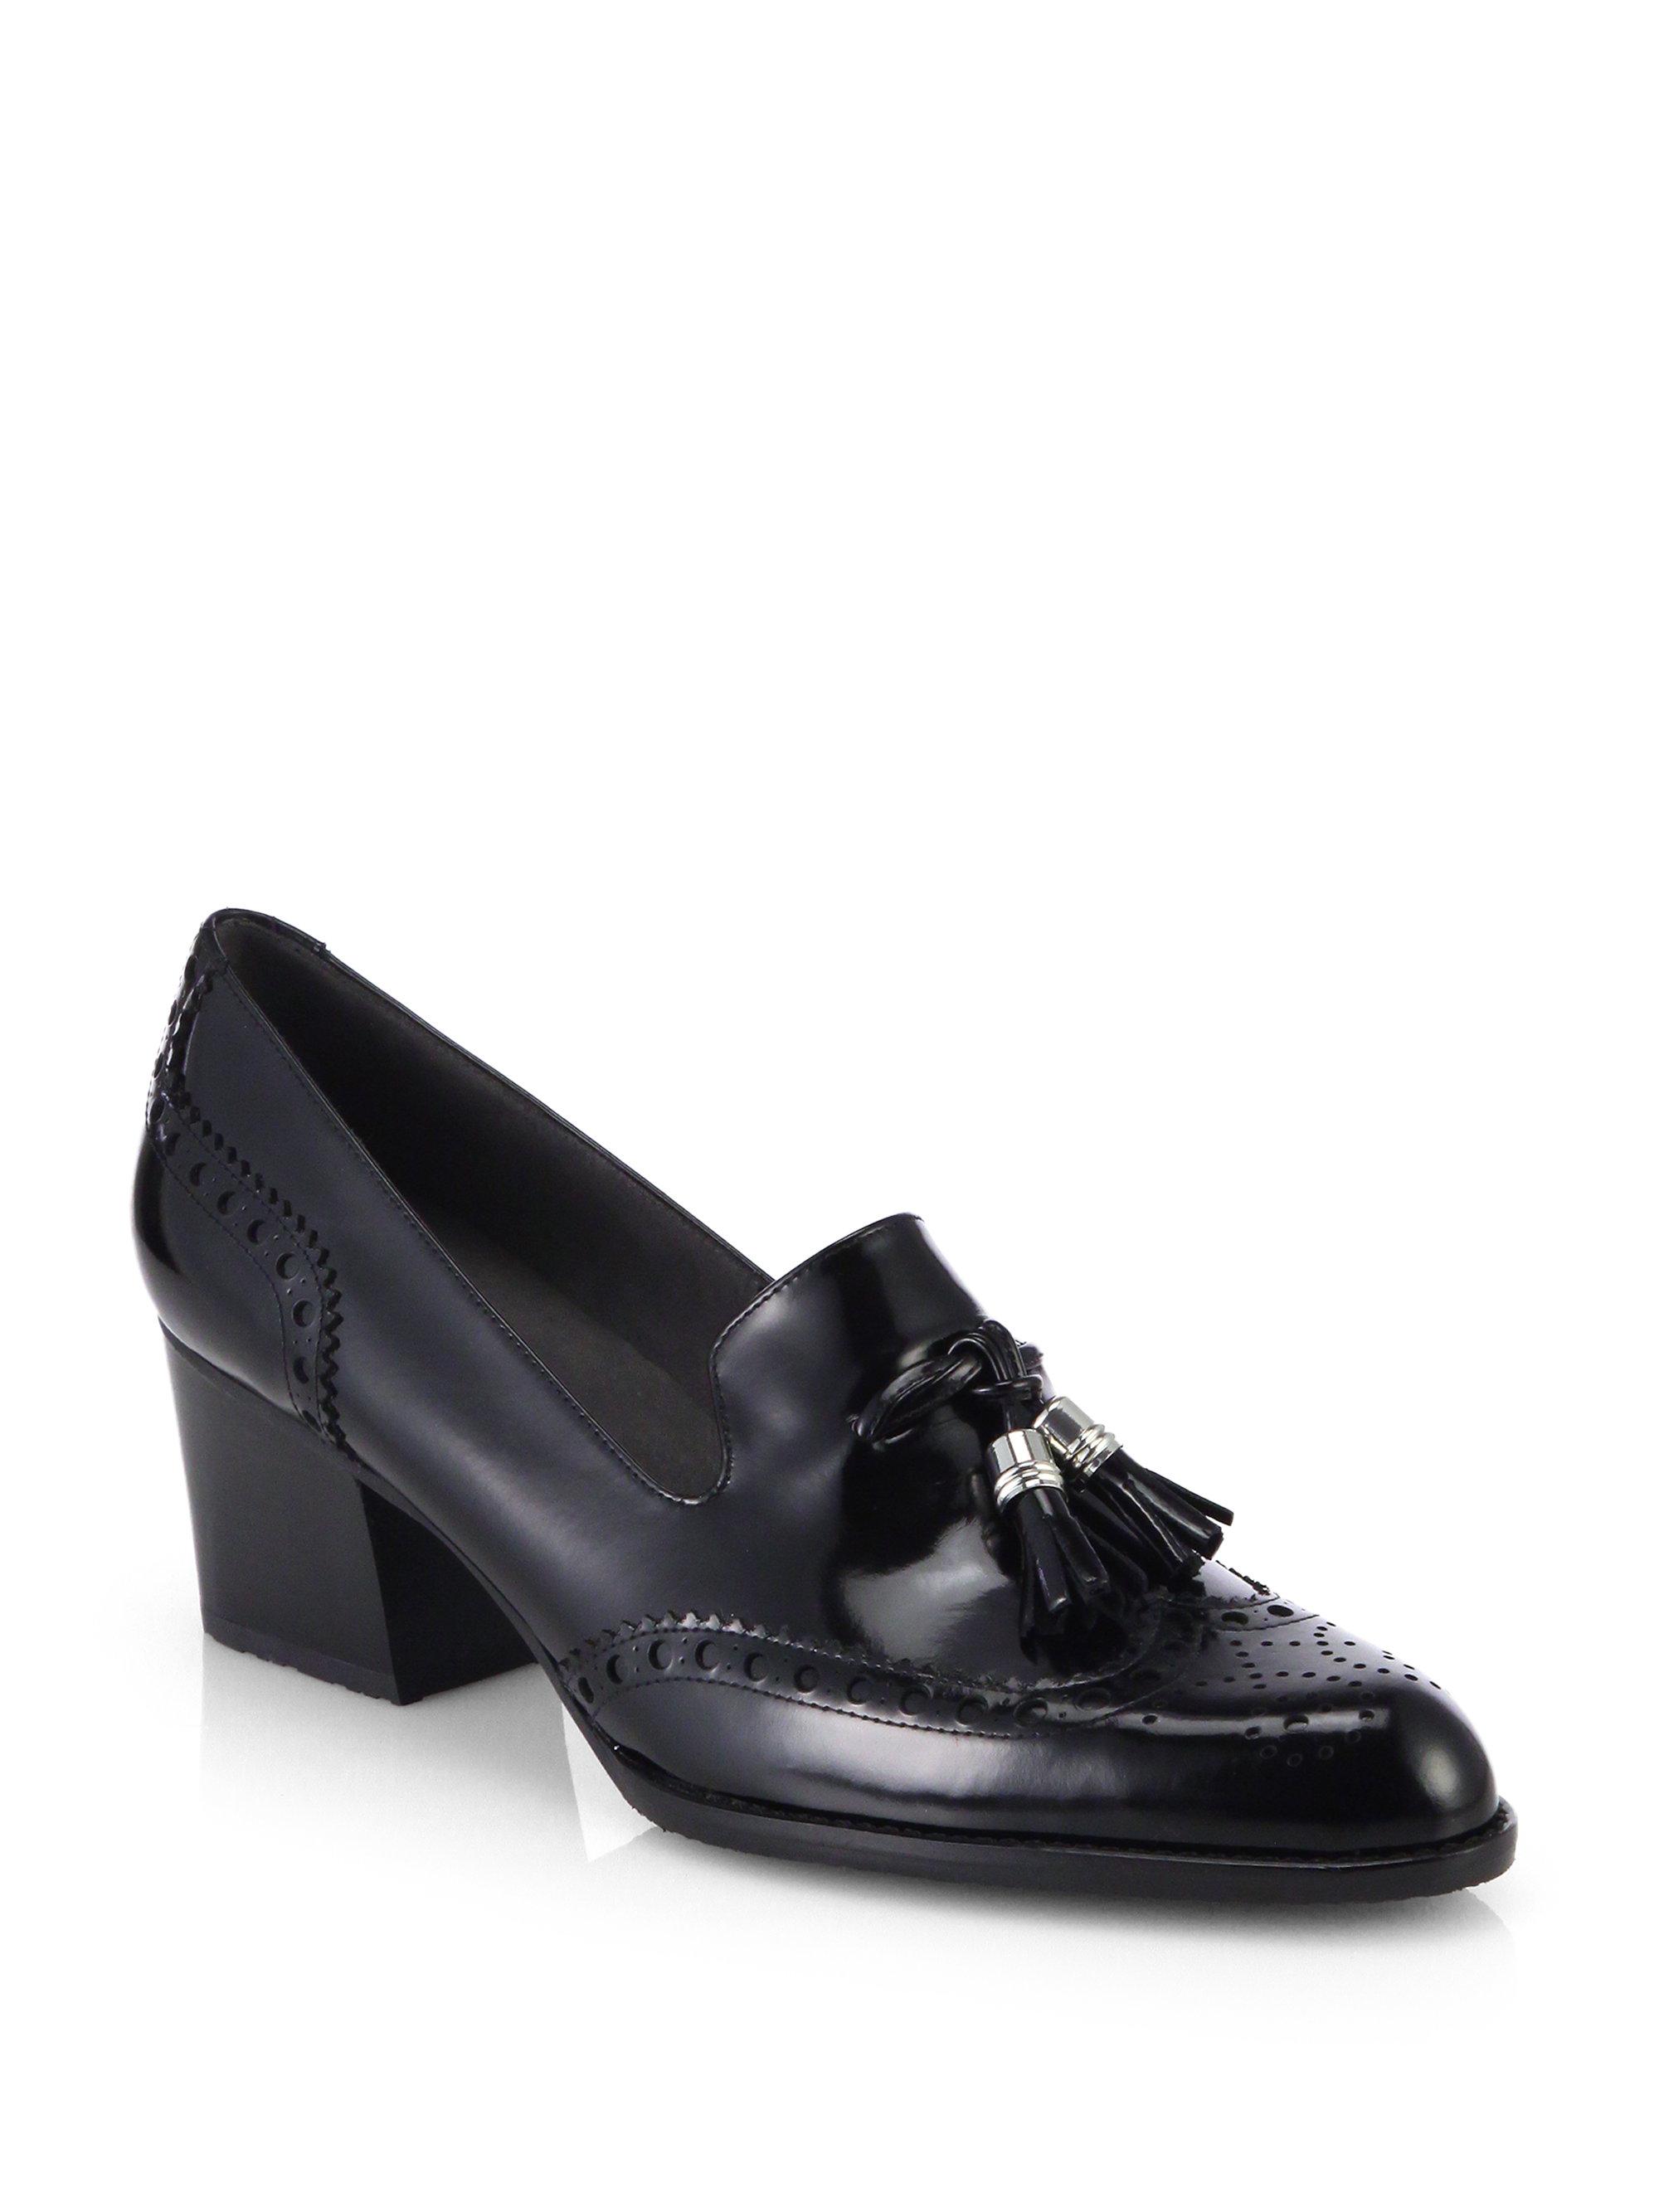 Lyst Stuart Weitzman Girlthing Leather Tassel Loafer